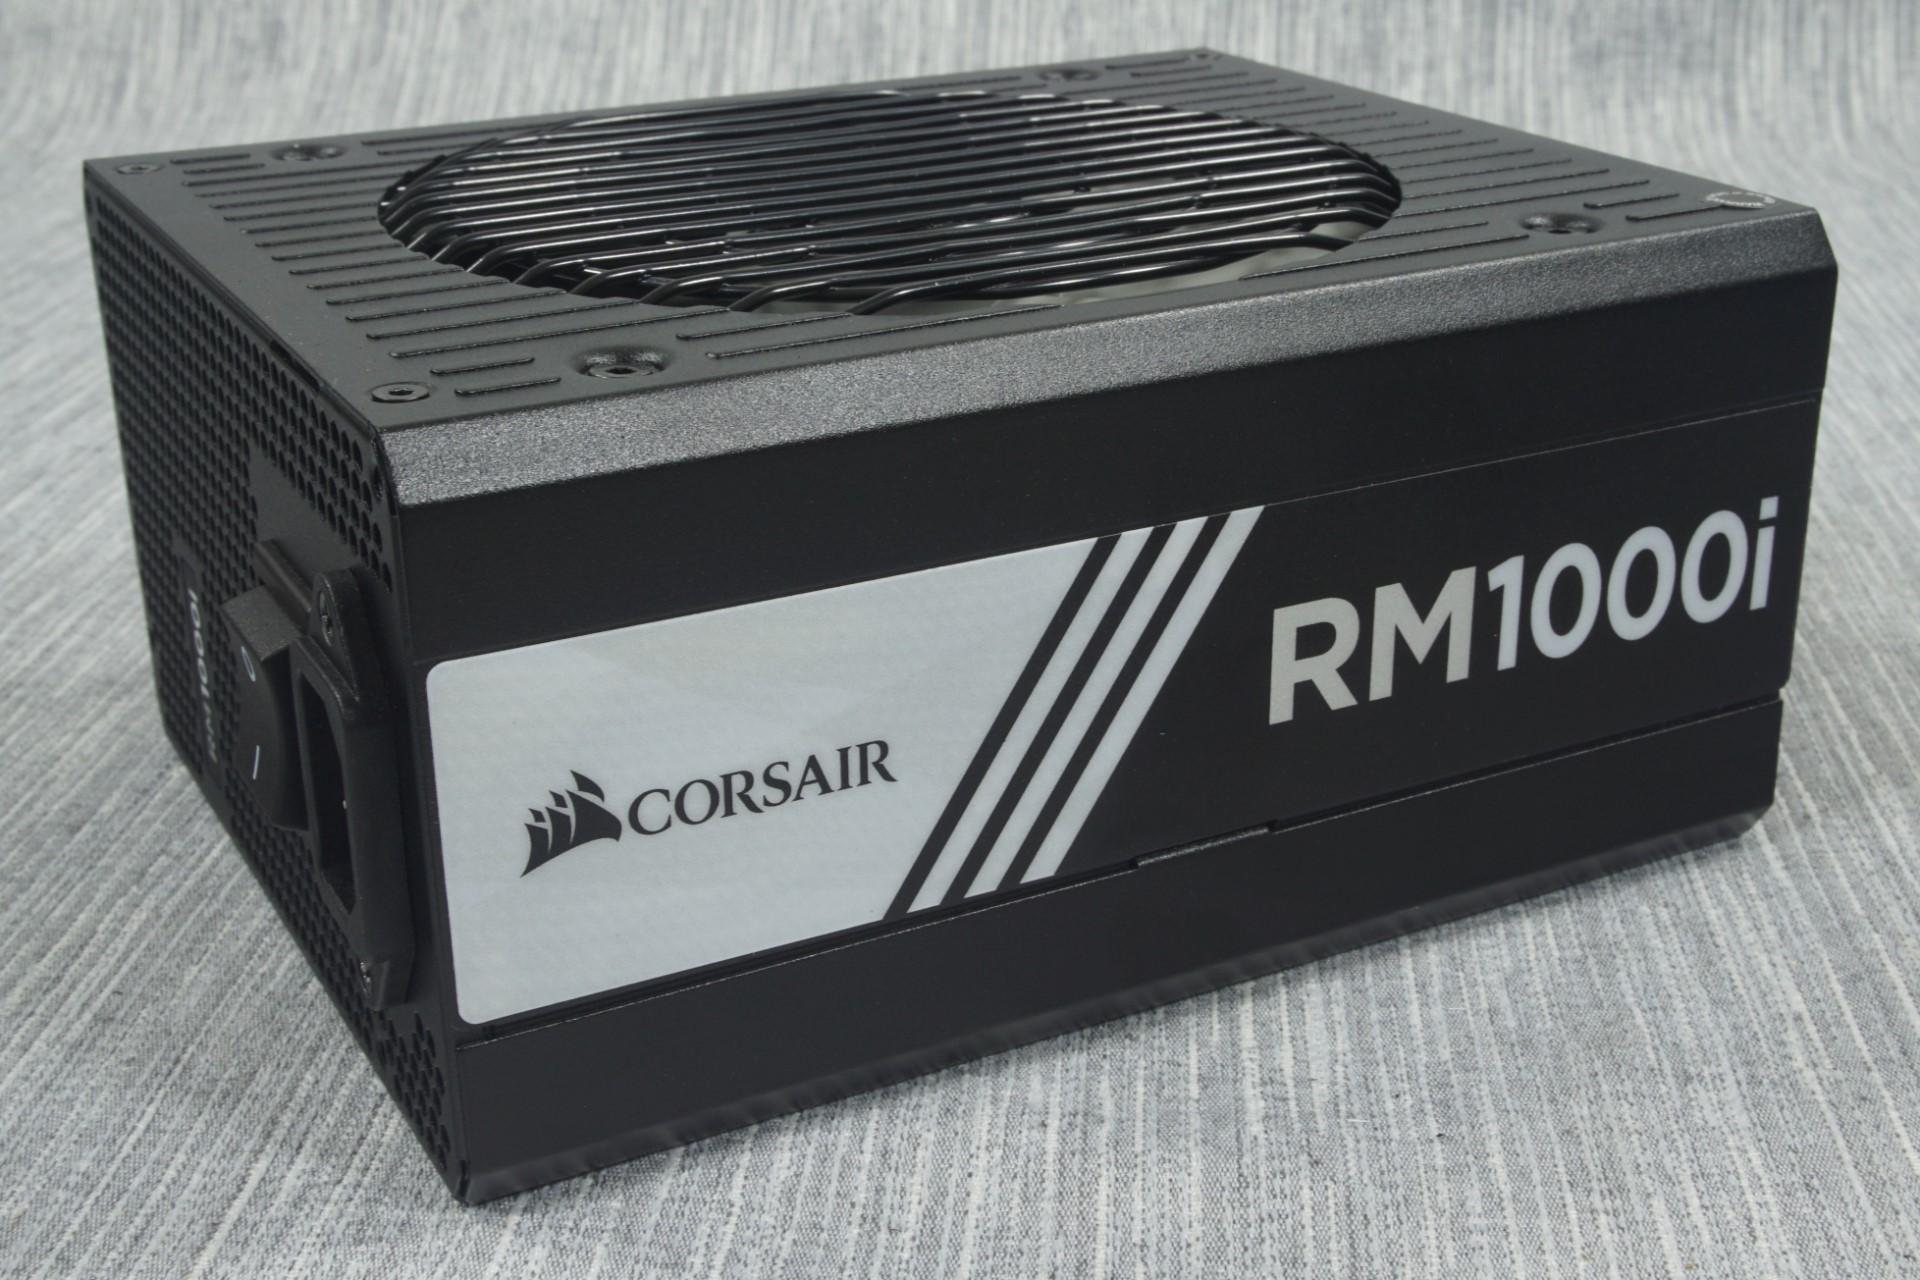 Corsair RM1000i 1000W